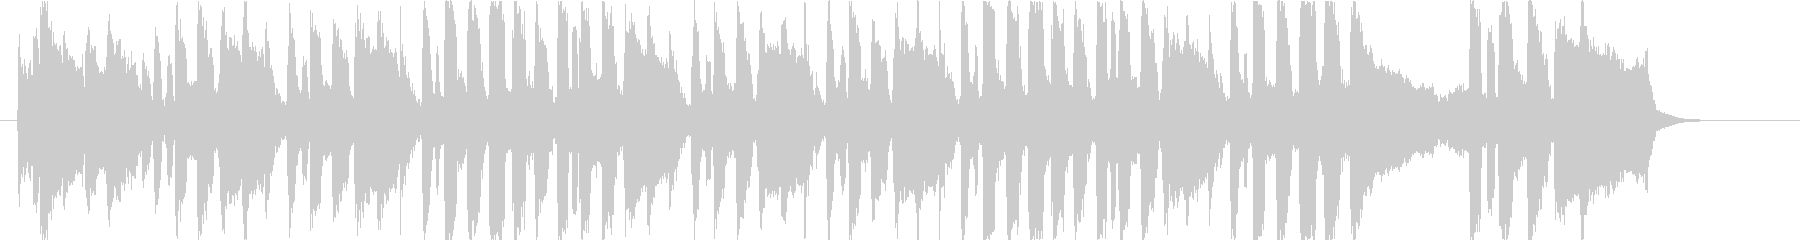 誕生日の歌(ワルツver) 【カイ】の未再生の波形